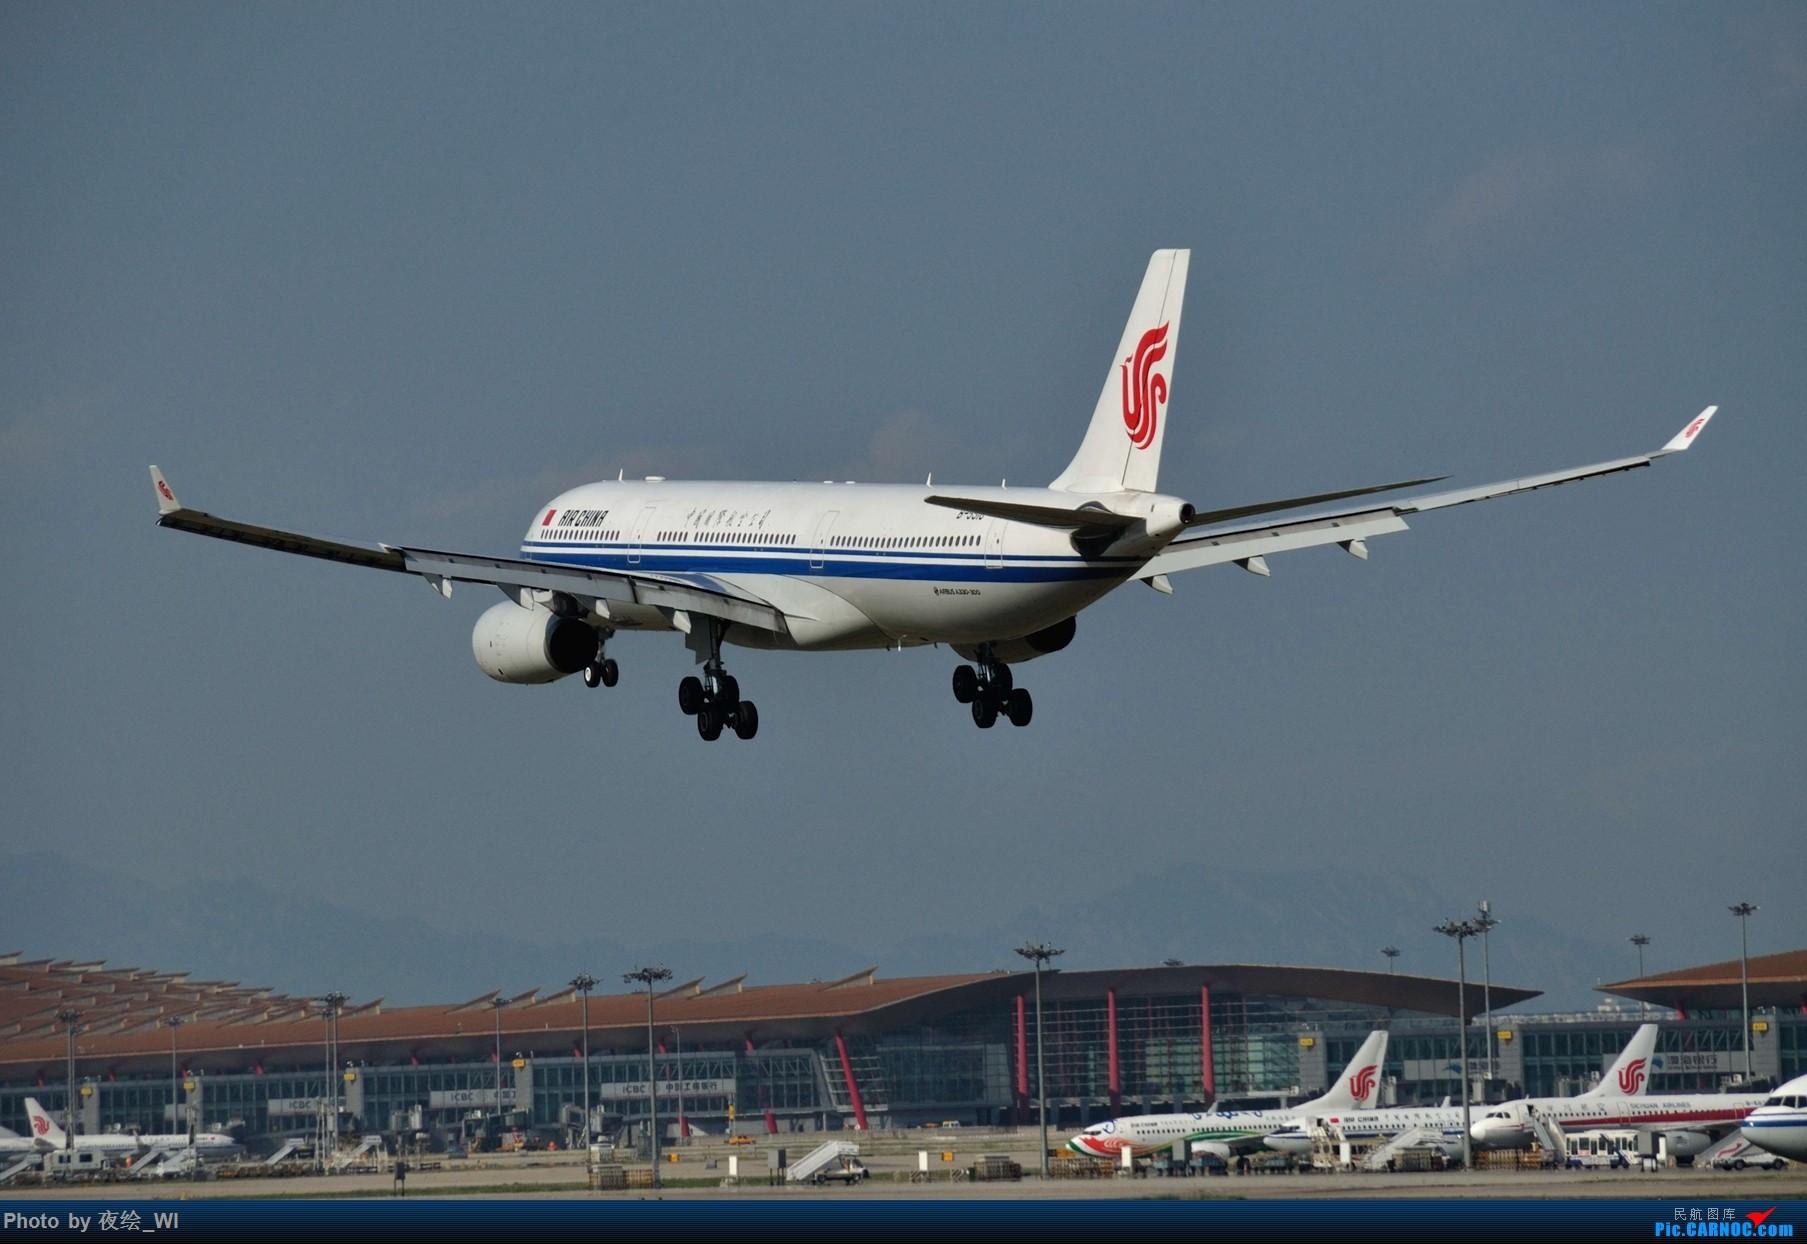 Re:[原创]【PEK】初刷八卦台,拍得飞起! AIRBUS A330-300 B-5916 中国北京首都国际机场